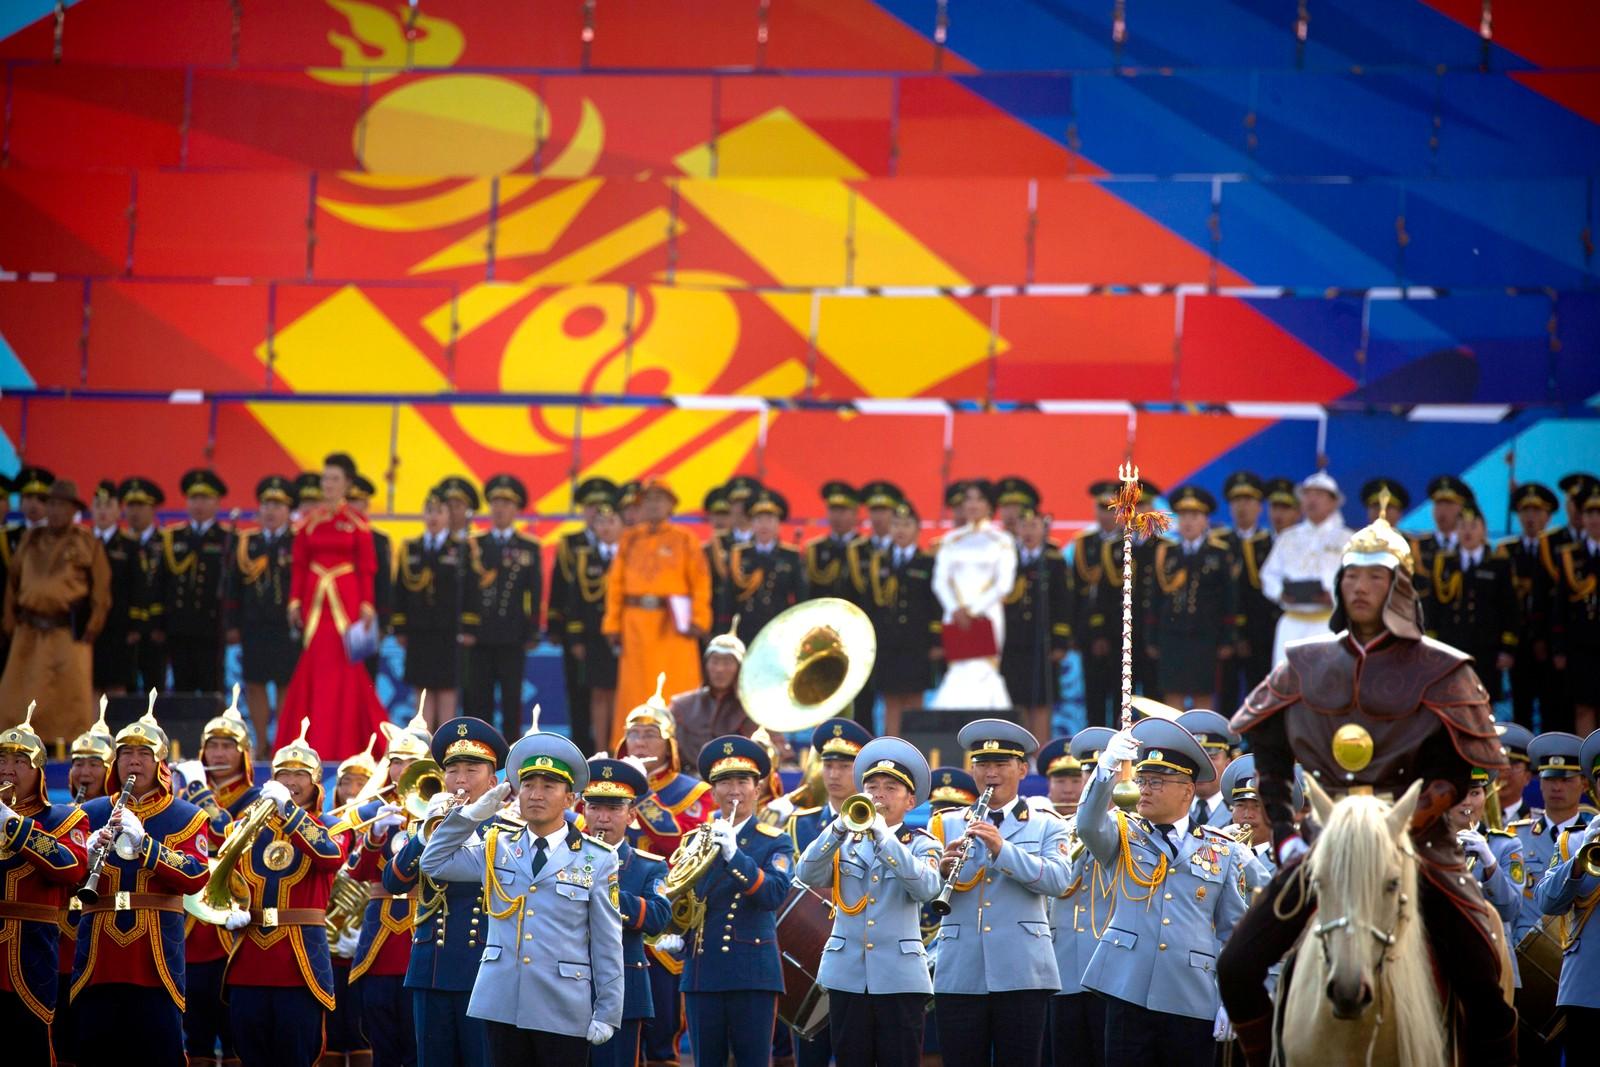 """Et korps marsjerer foran et gigantisk mongolsk flagg under Naadam-festivalen i Mongolia den 11 juli. Under festivalen konkurreres det i mongolsk bryting, hesteløp og bueskyting. I Mongolia blir festivalen også kalt """"eriin gurvan naadam"""", som betyr """"menns tre leker""""."""